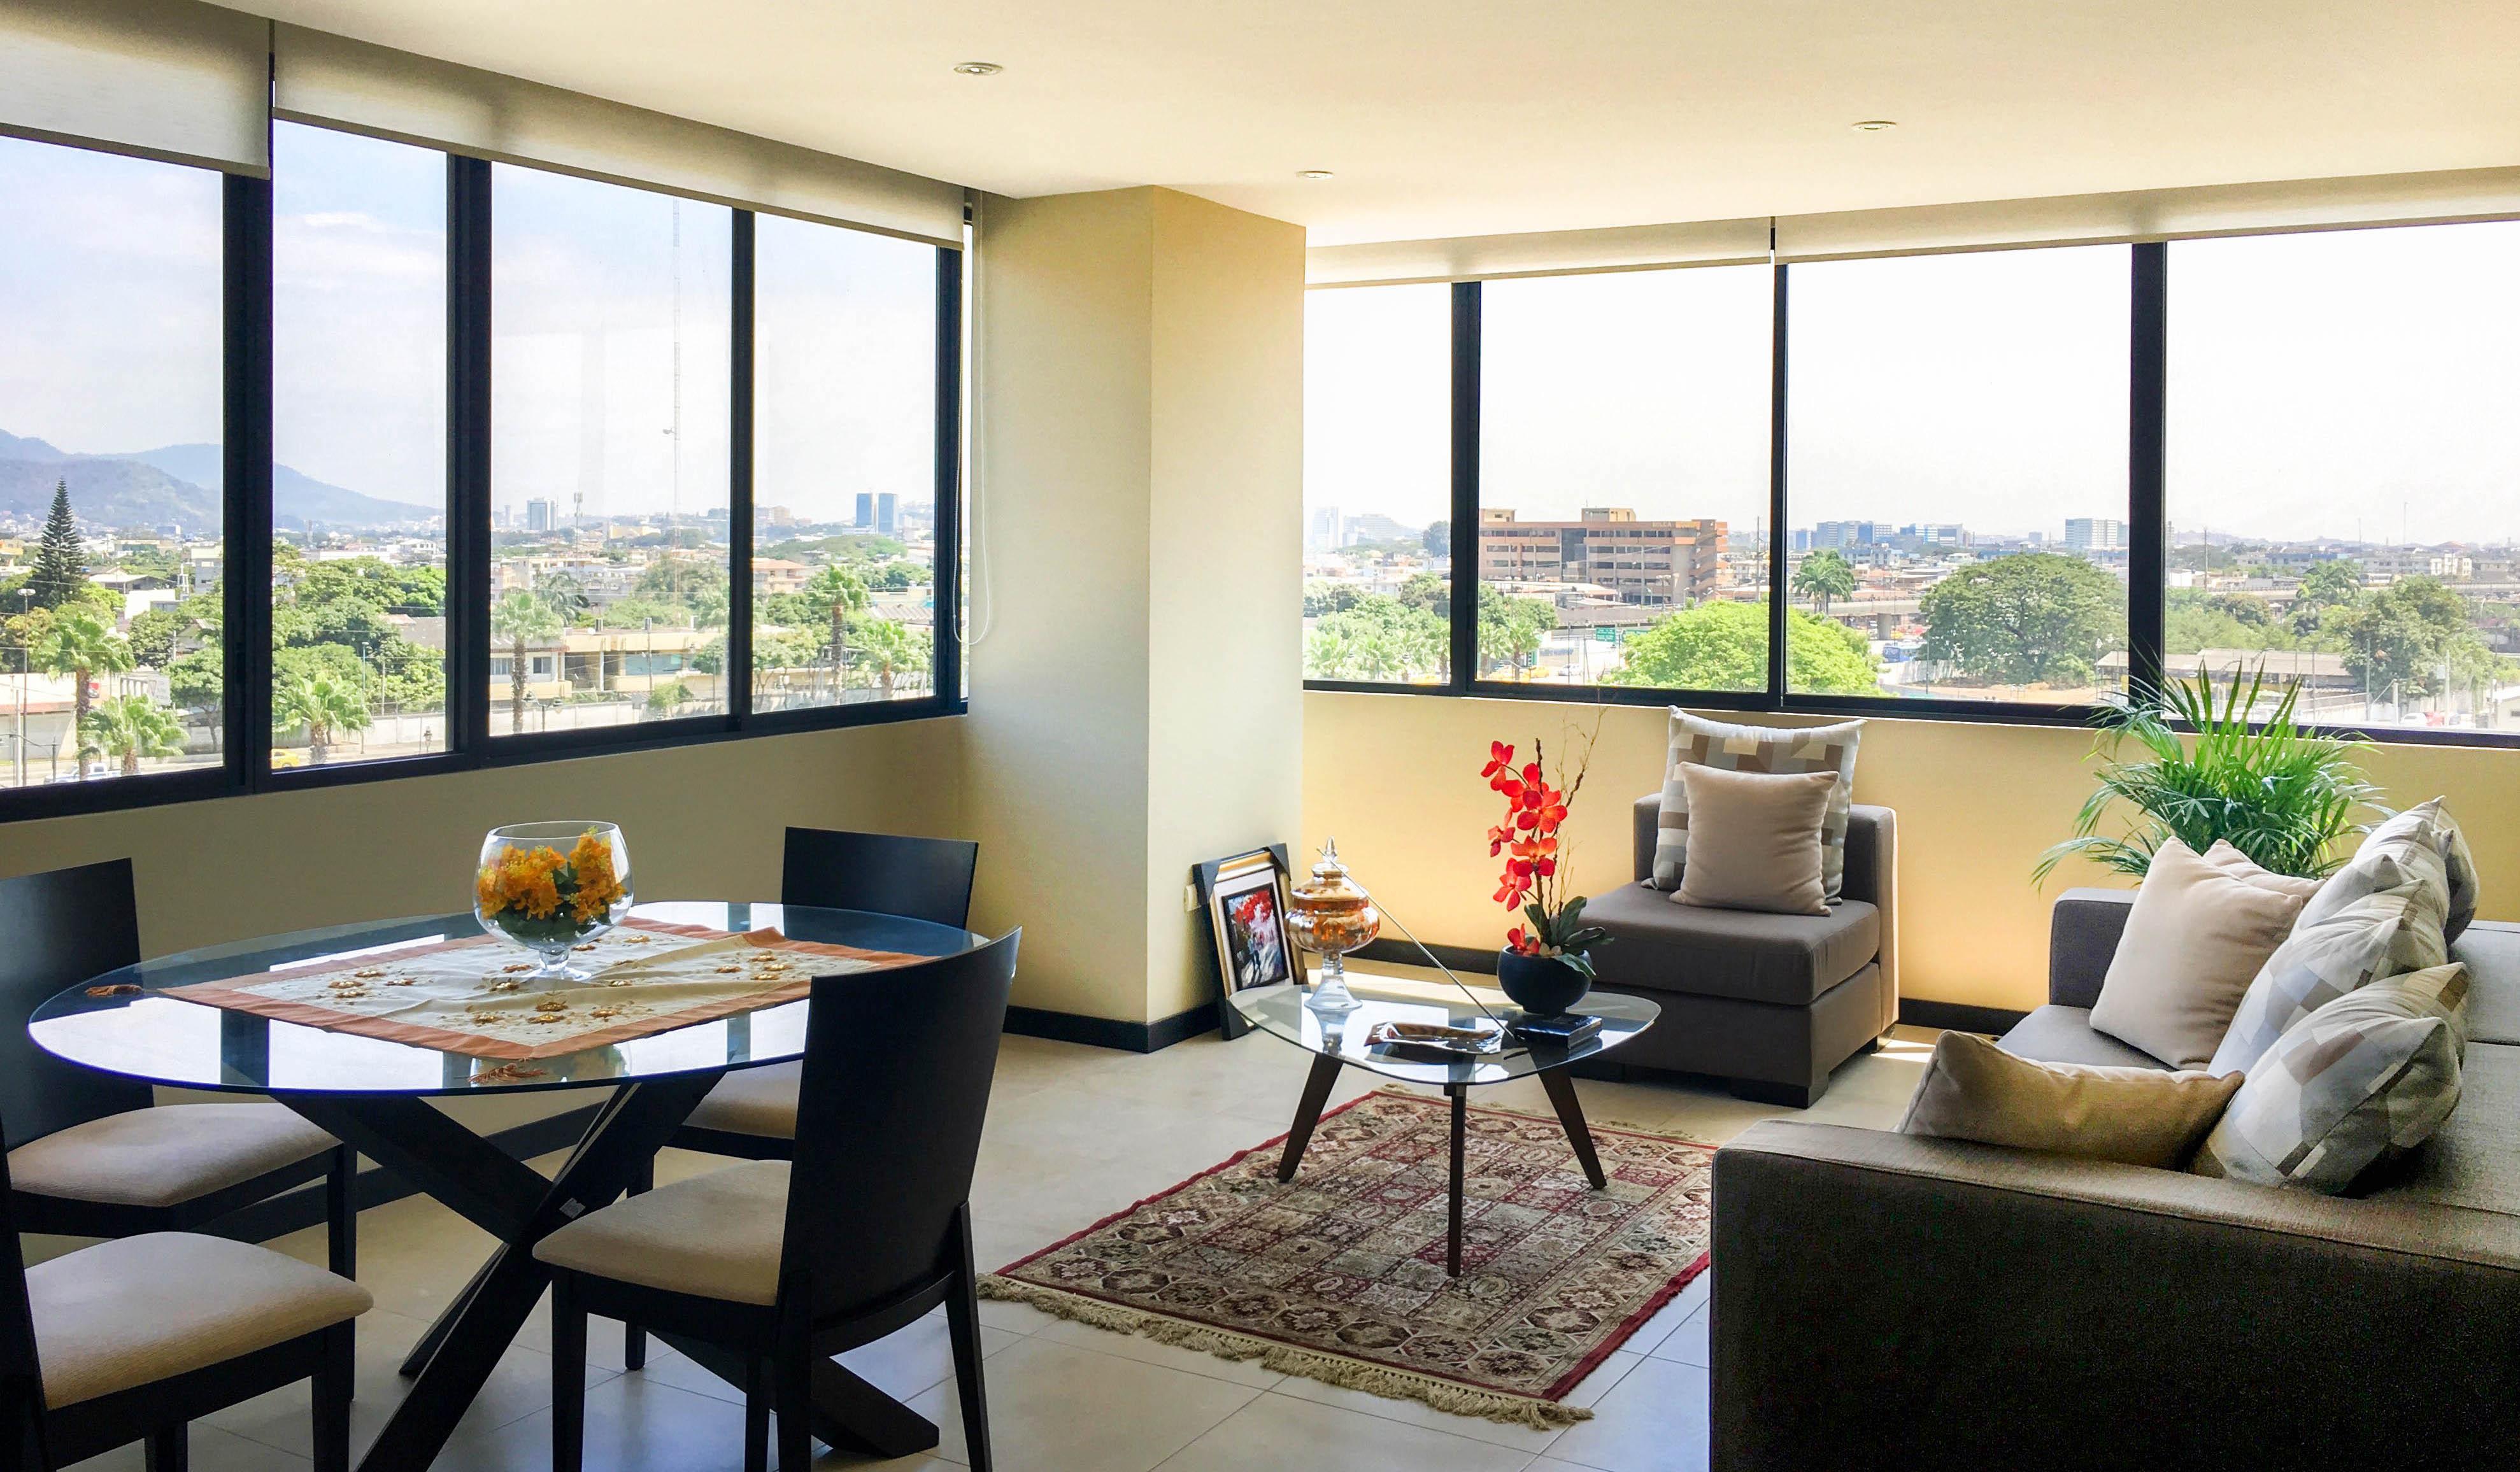 Departamento en alquiler de 2 dormitorios en bellini for Alquiler de dormitorios